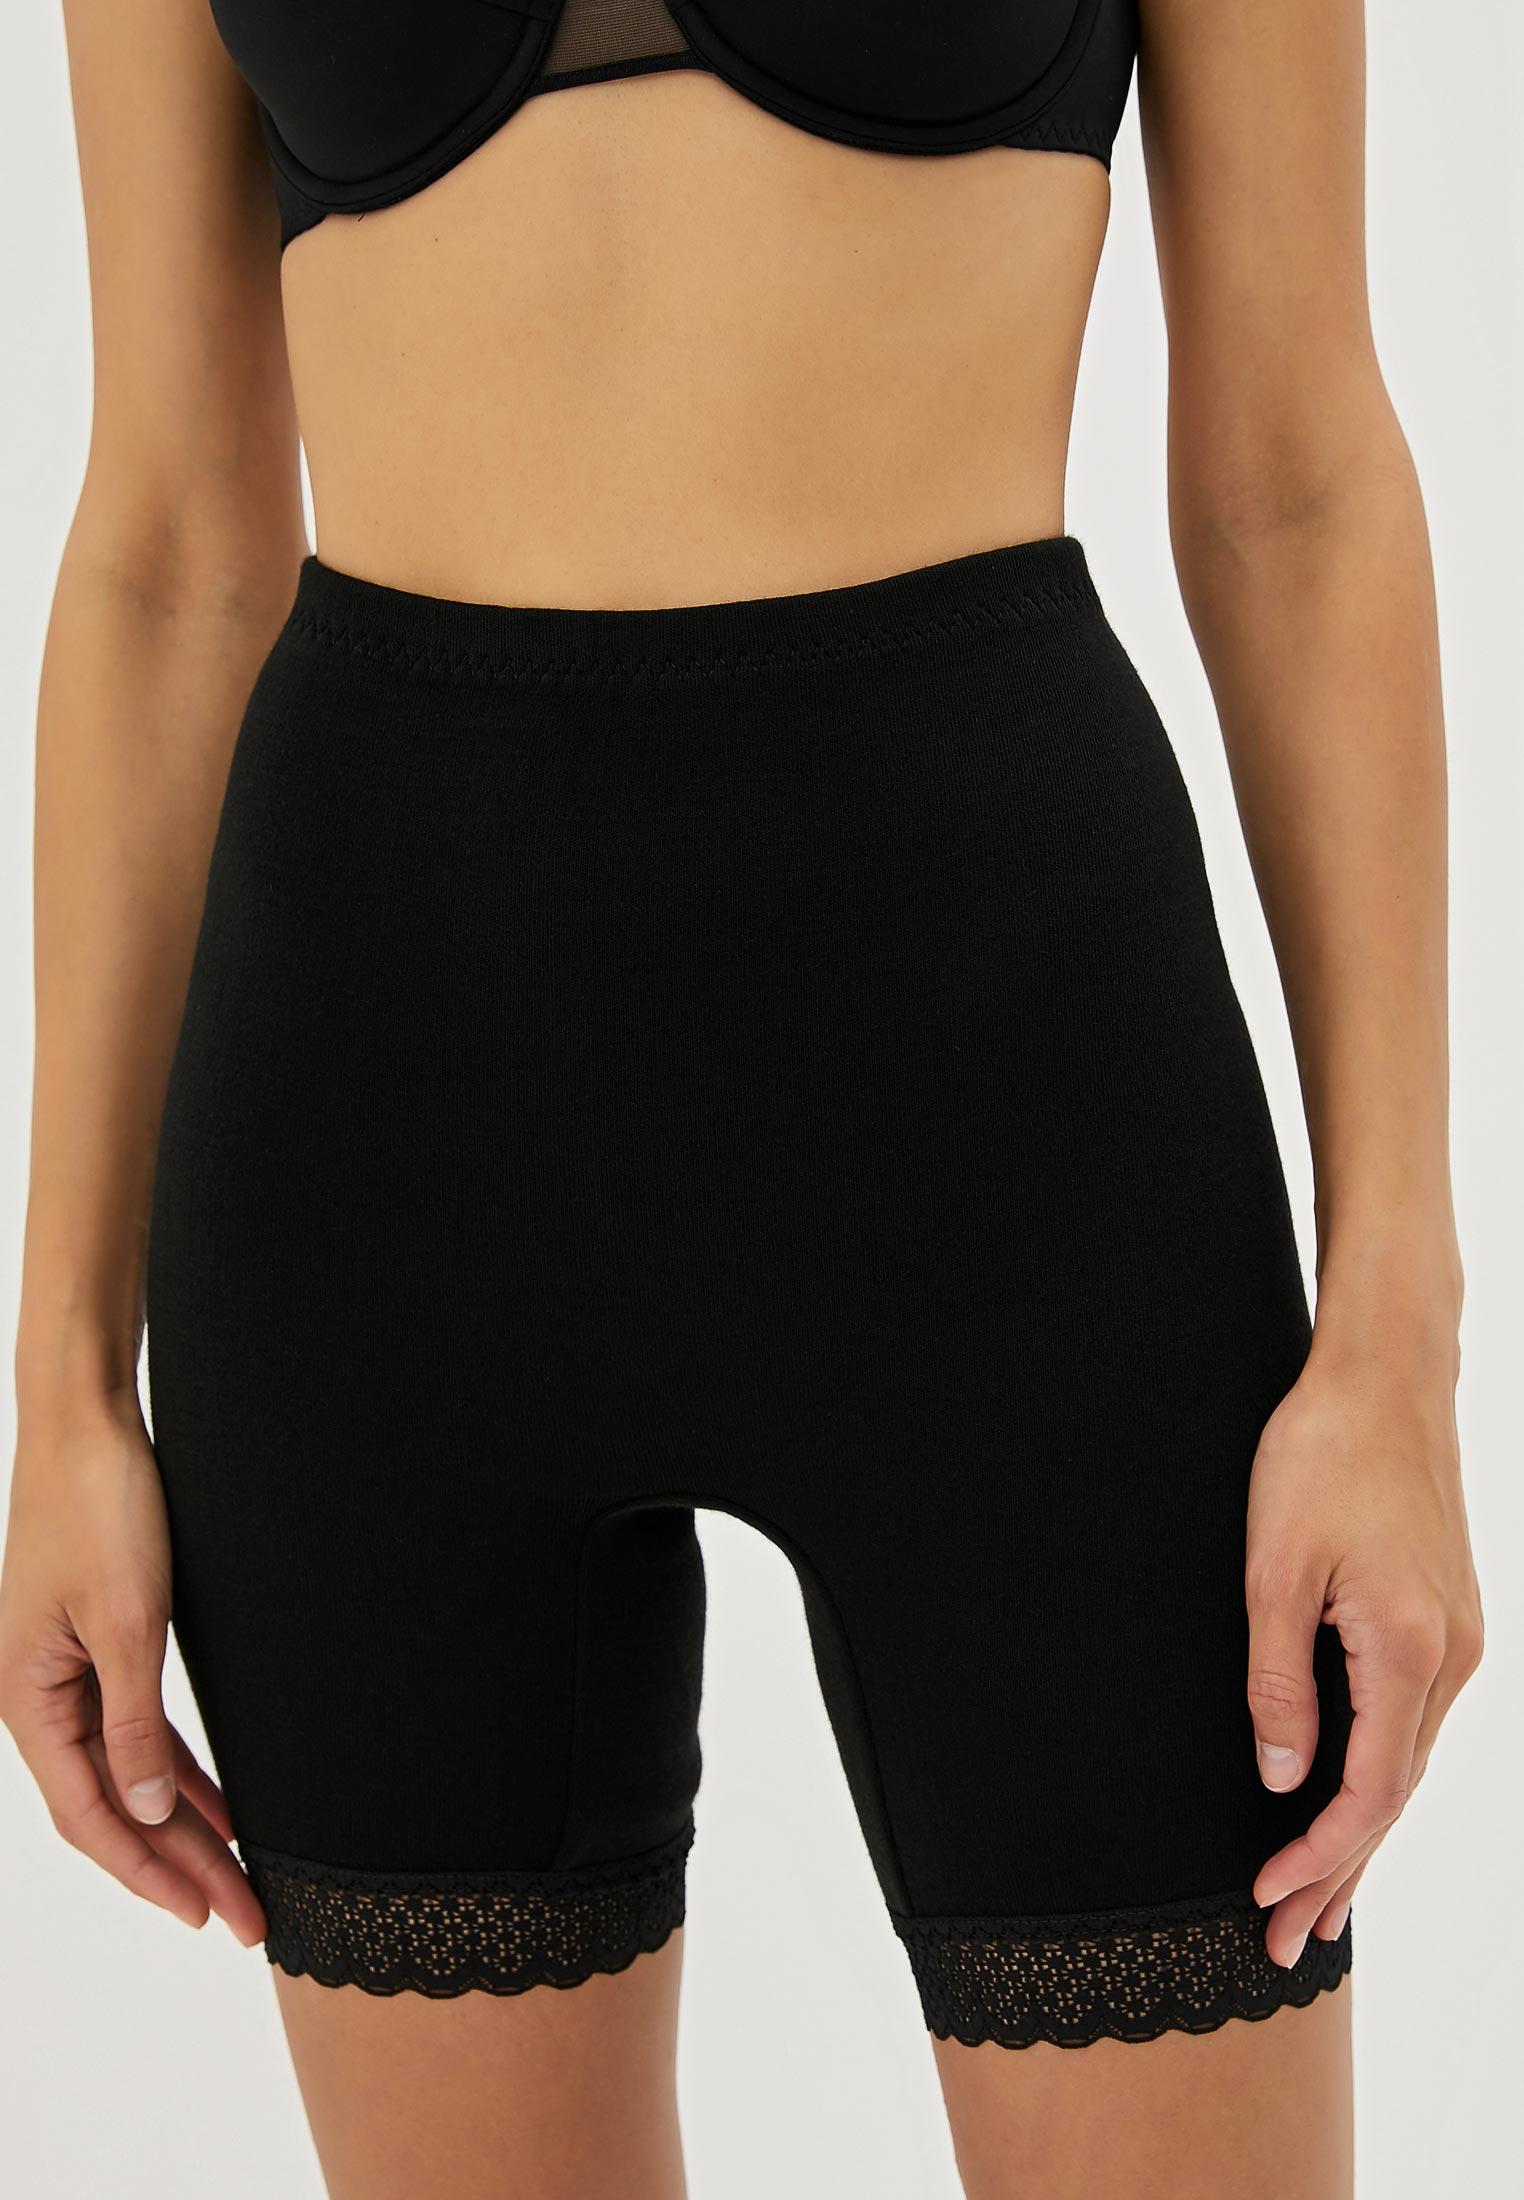 Панталоны женские НОВОЕ ВРЕМЯ T010 черные 56 RU